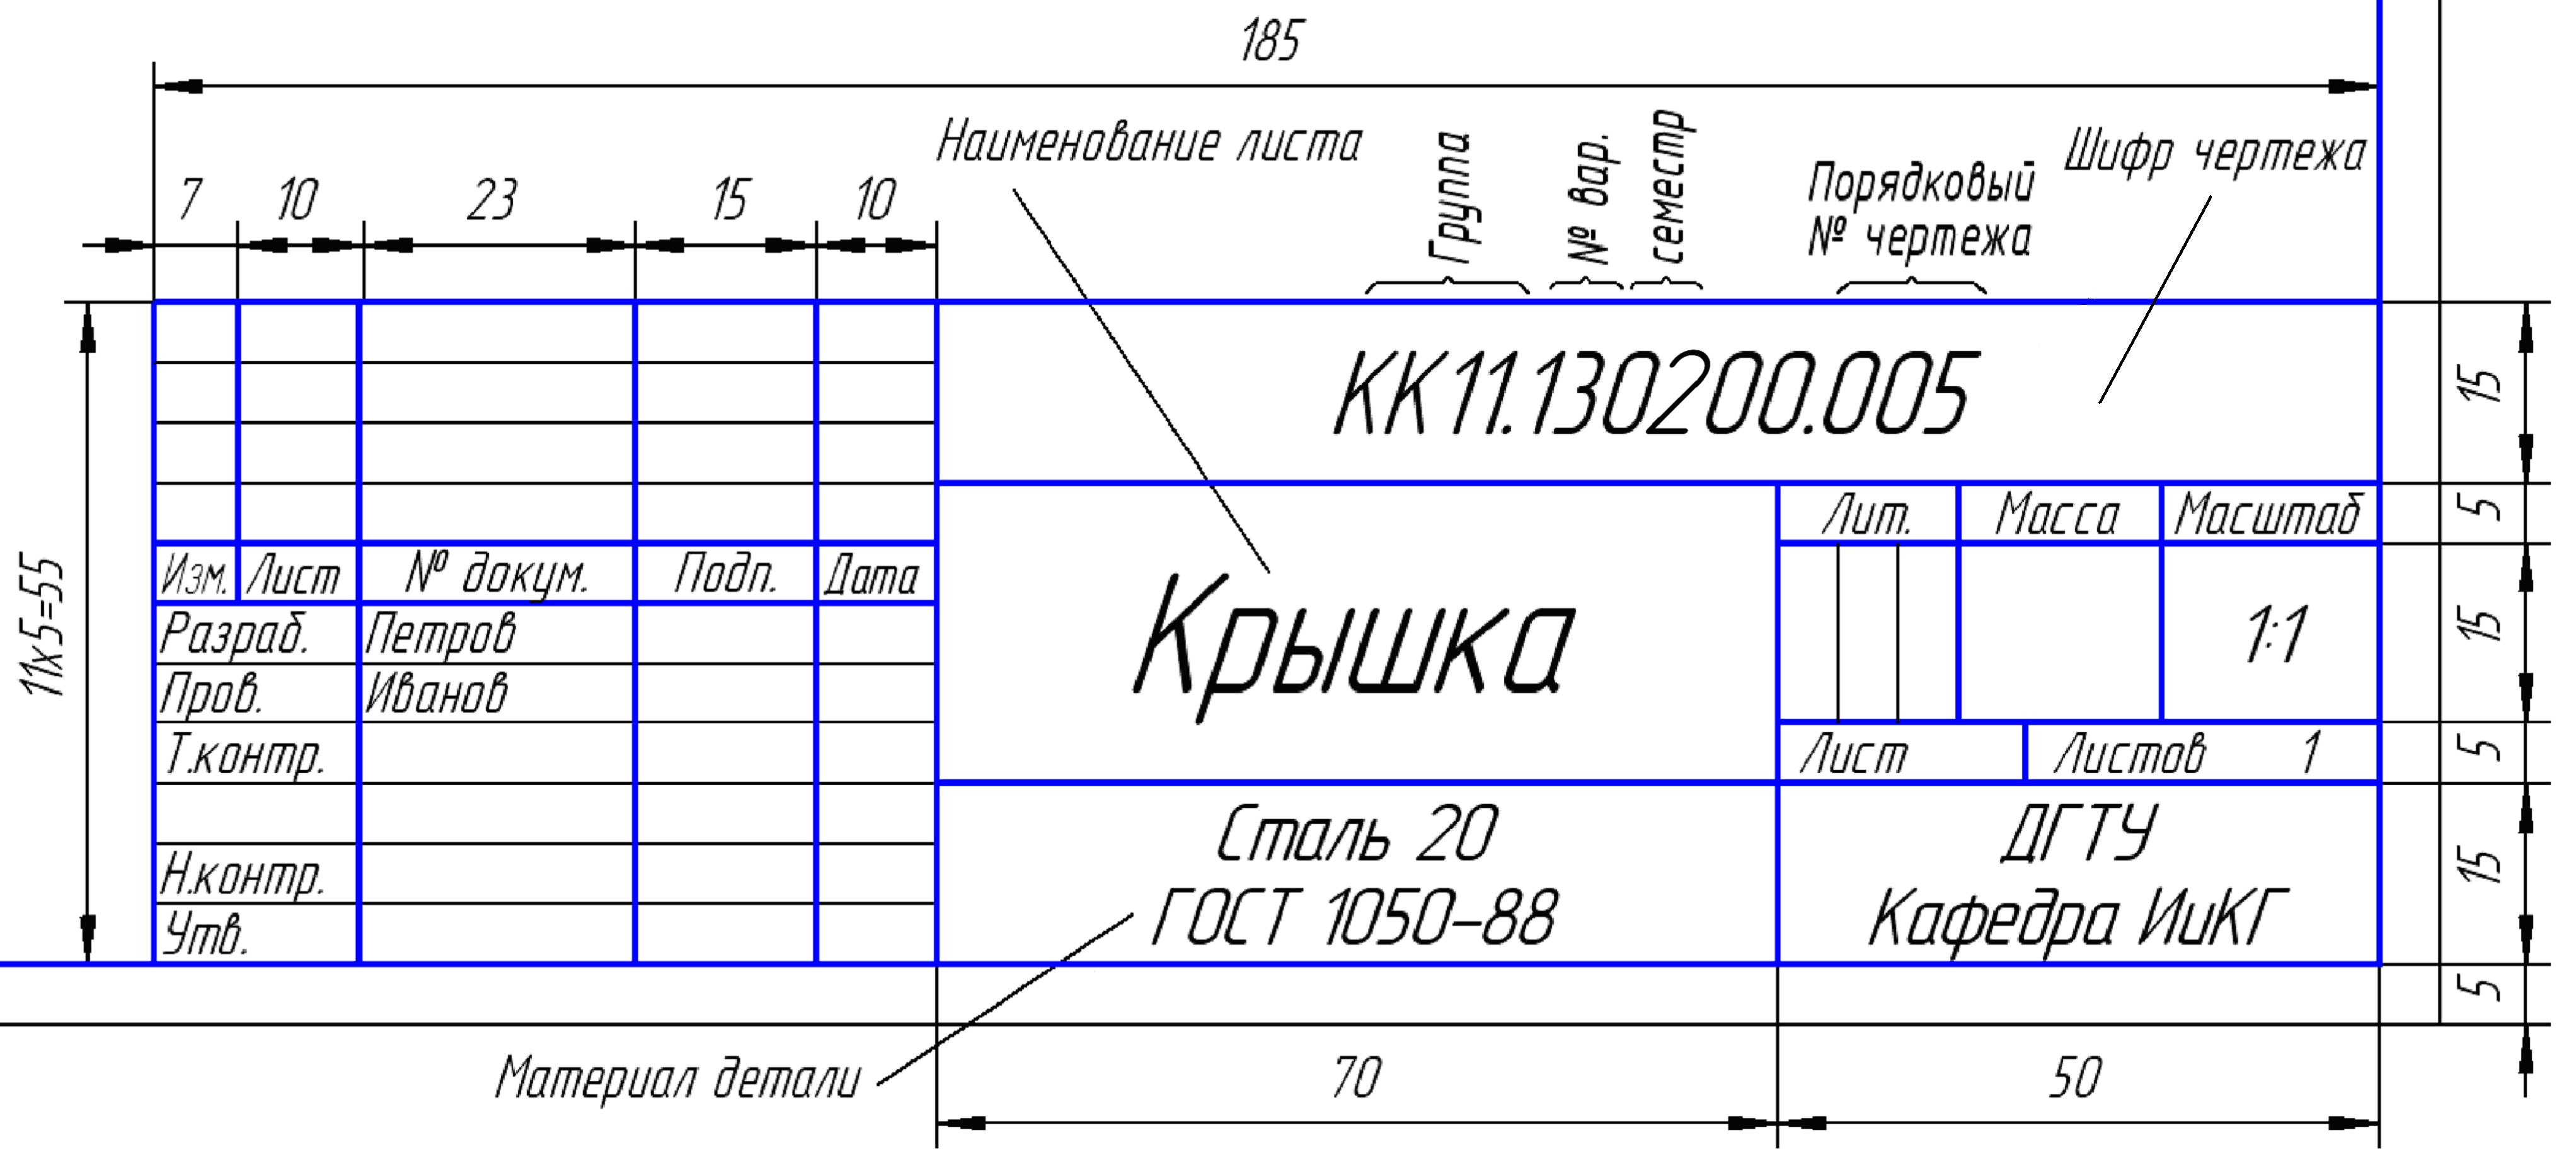 правила оформления схемы при дтп